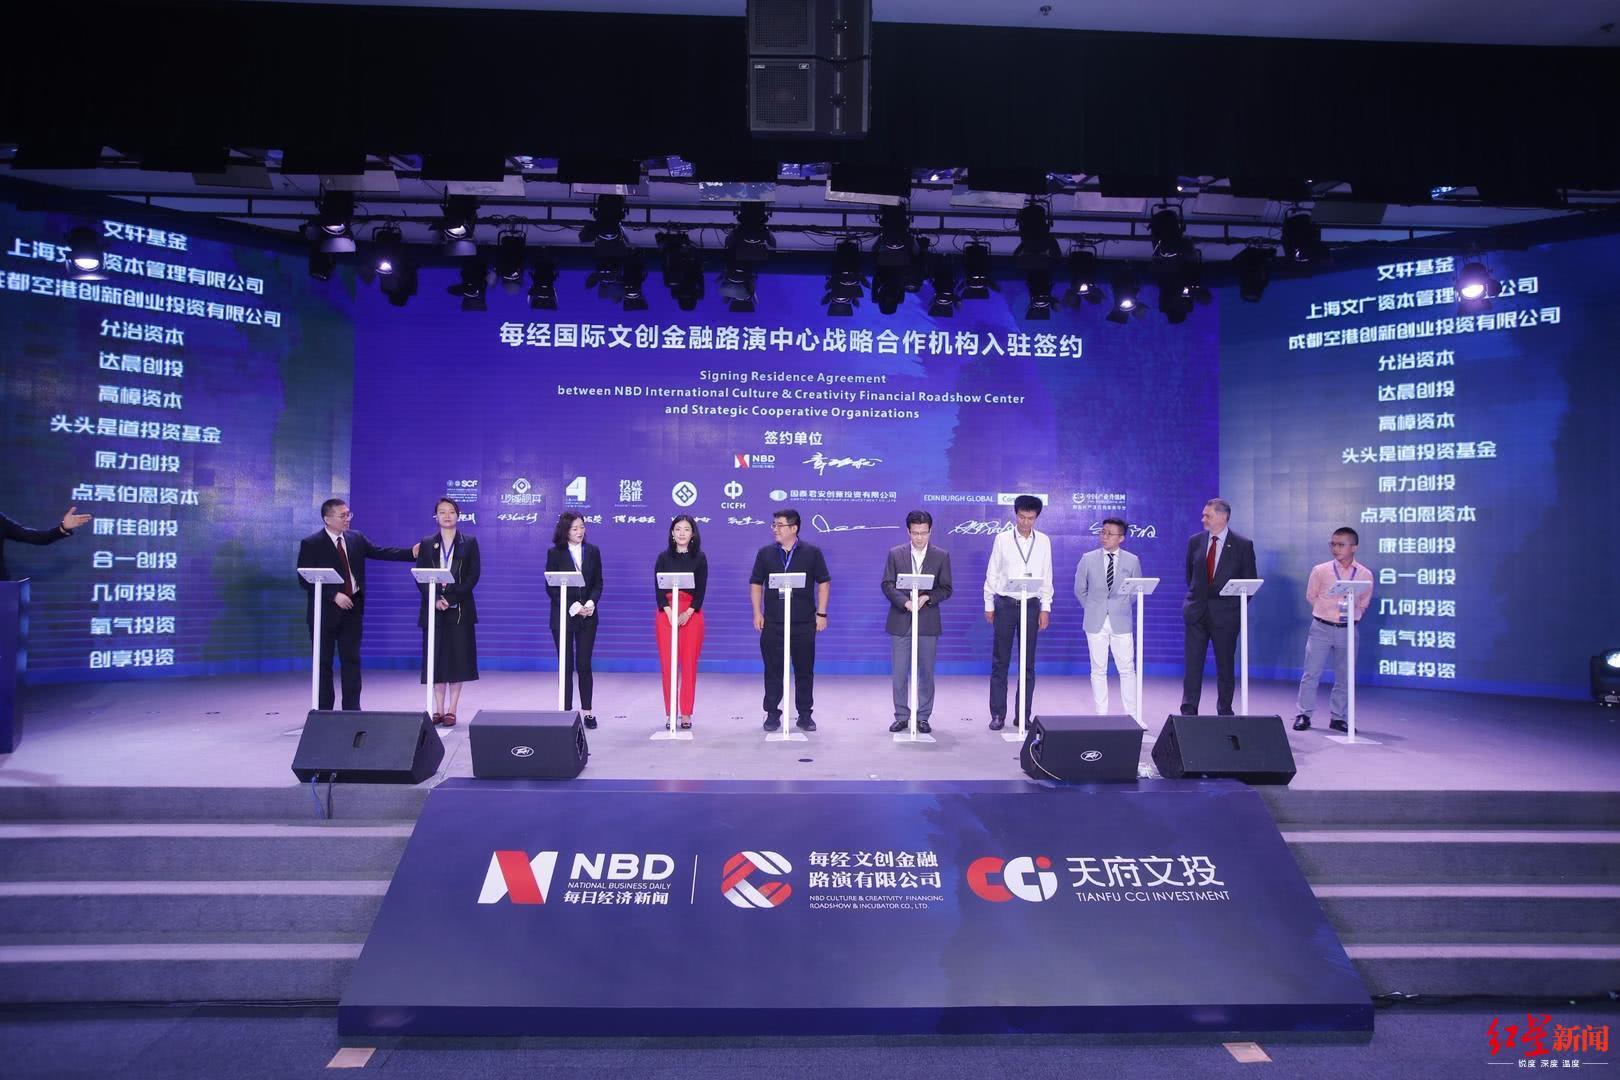 http://www.shangoudaohang.com/zhifu/212494.html